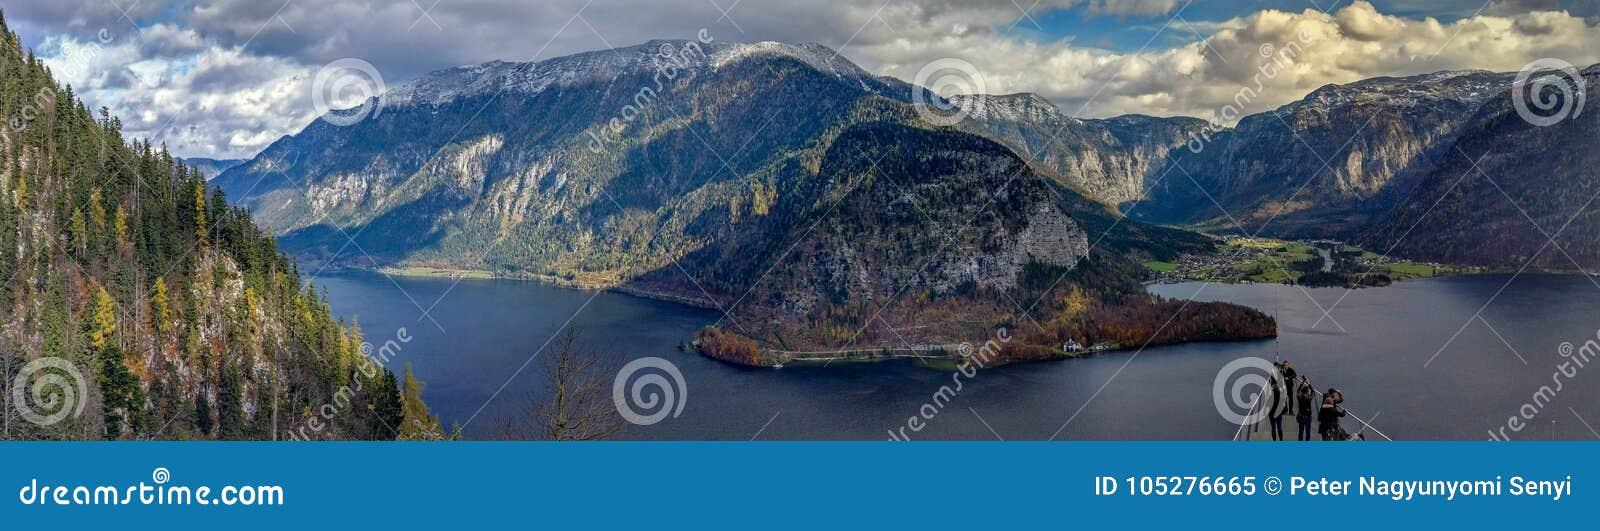 Cenário do panorama da montanha de Hallstatt - Skywalk, austríaco Apls